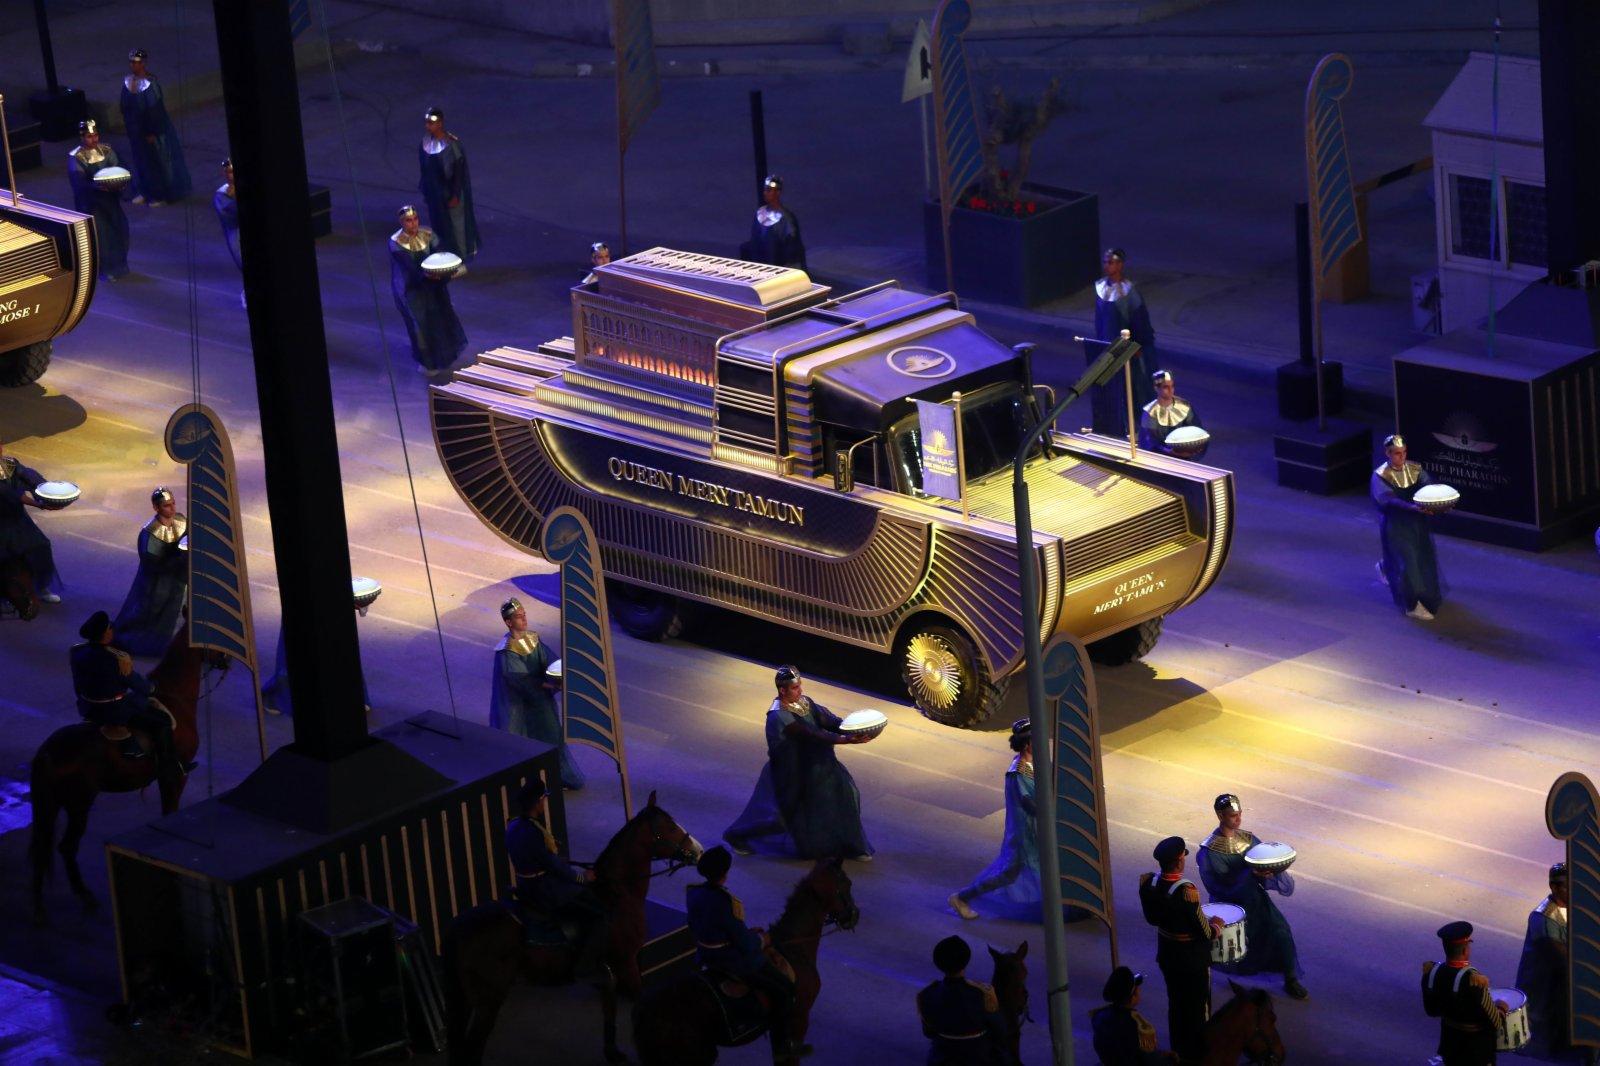 這是4月3日在埃及首都開羅拍攝的用於運送木乃伊的金色定製花車。(新華社)